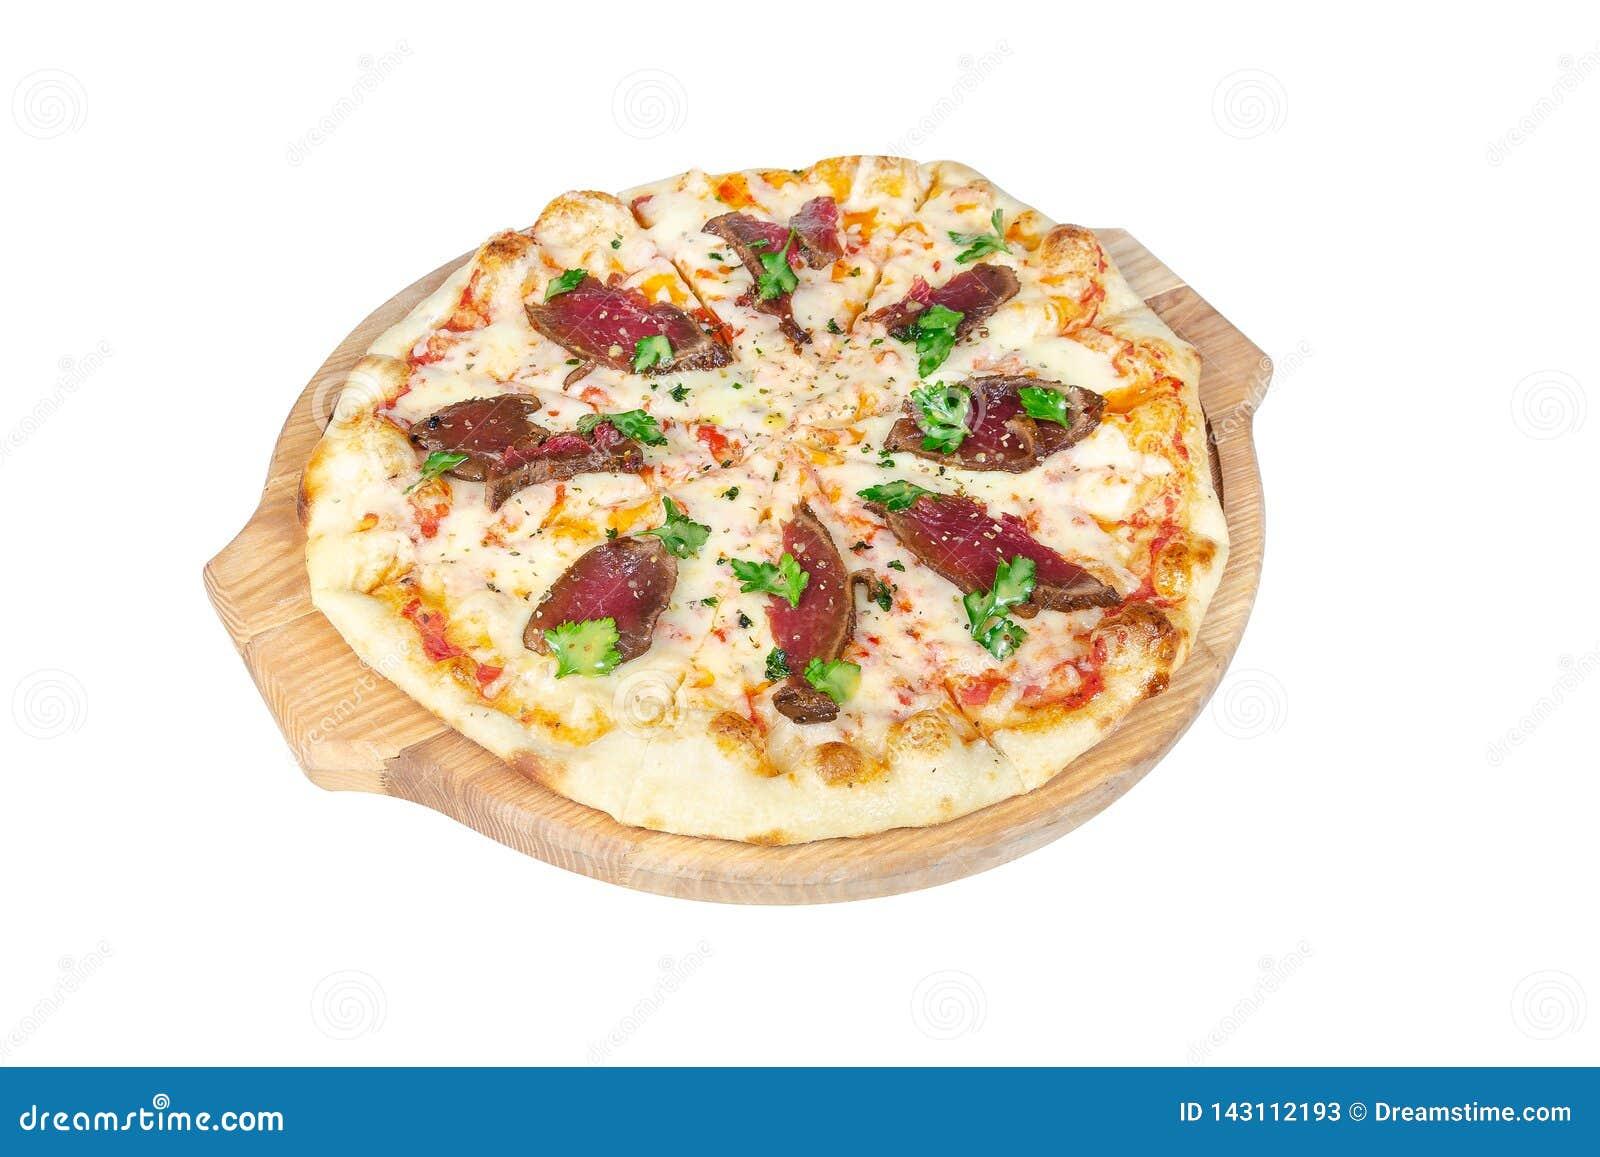 Pizza com carne assada, queijo e verdes em uma placa de corte redonda isolada no fundo branco